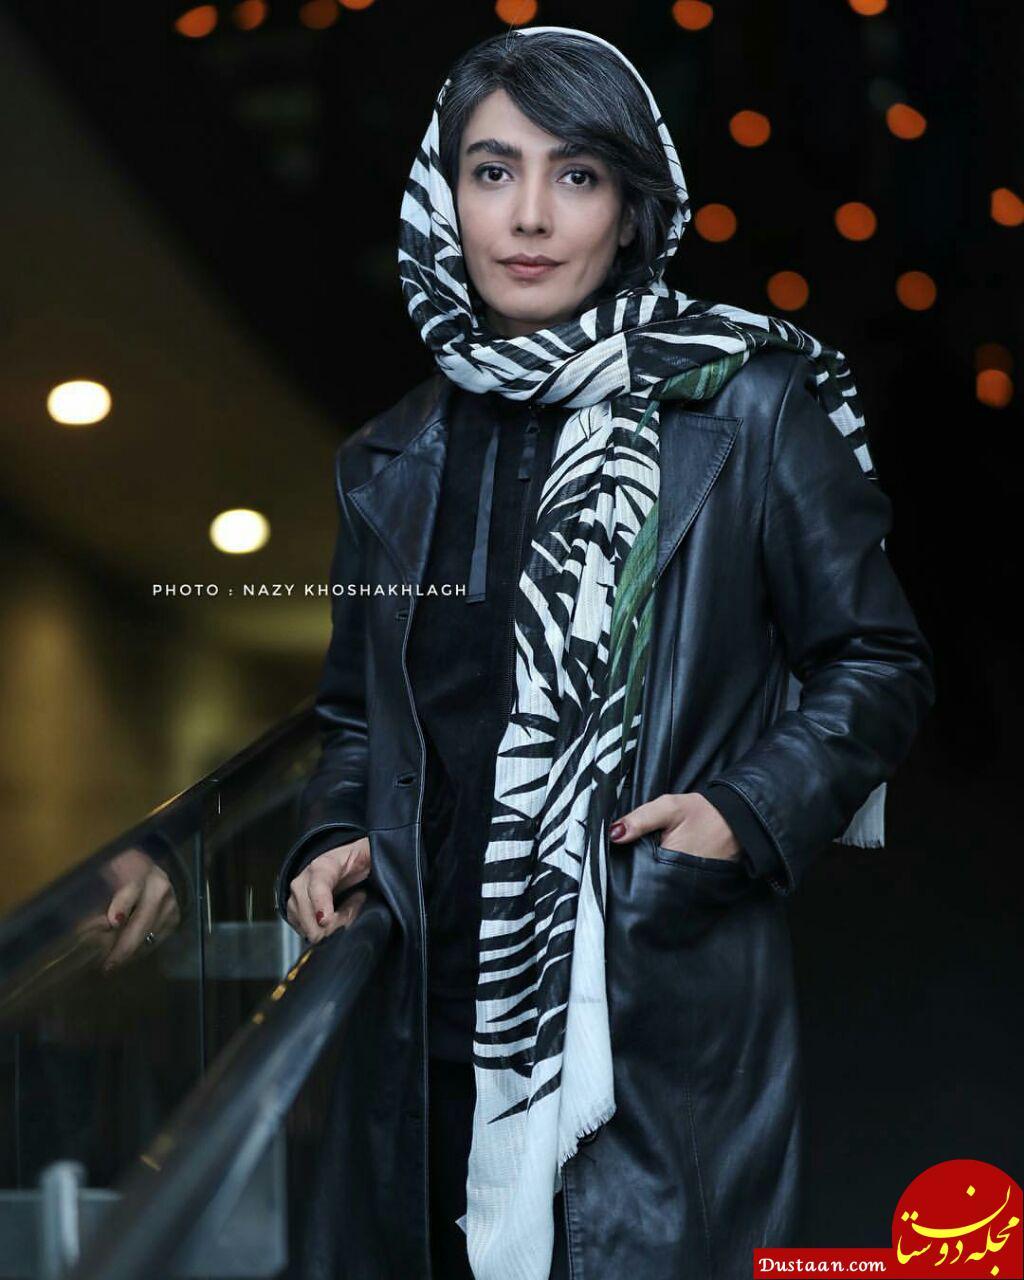 عکس های زیبای بازیگران در حاشیه جشنواره فیلم فجر 97